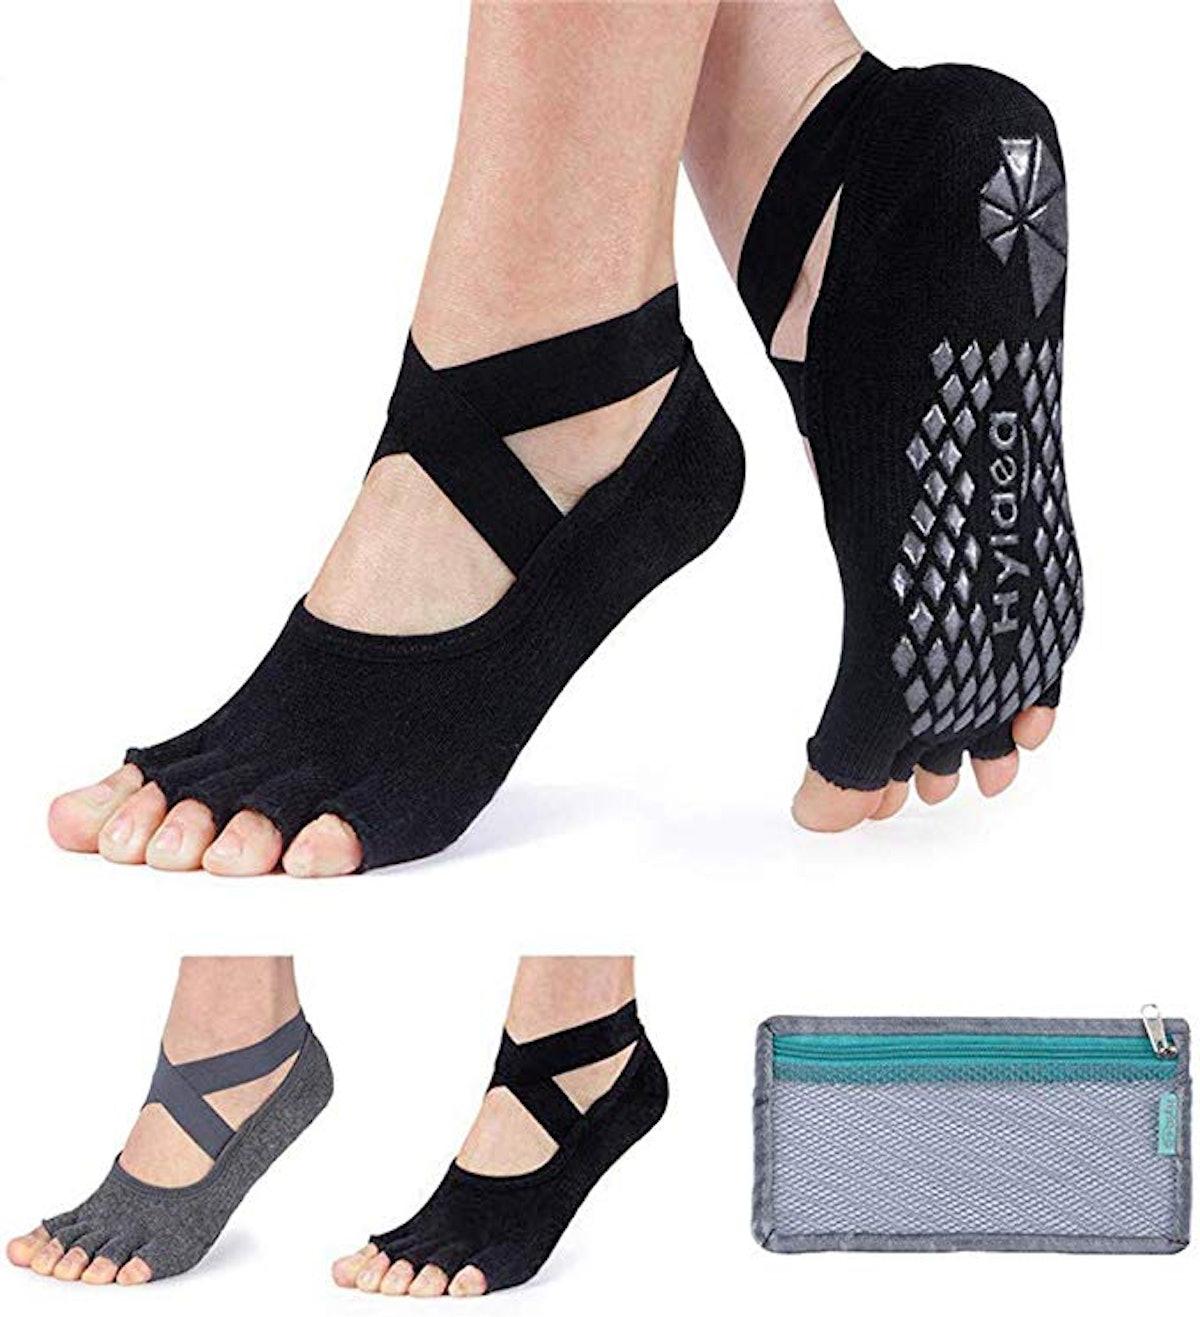 Hylaea Grip & Non Slip Toeless Half Toe Socks (2-Pack)